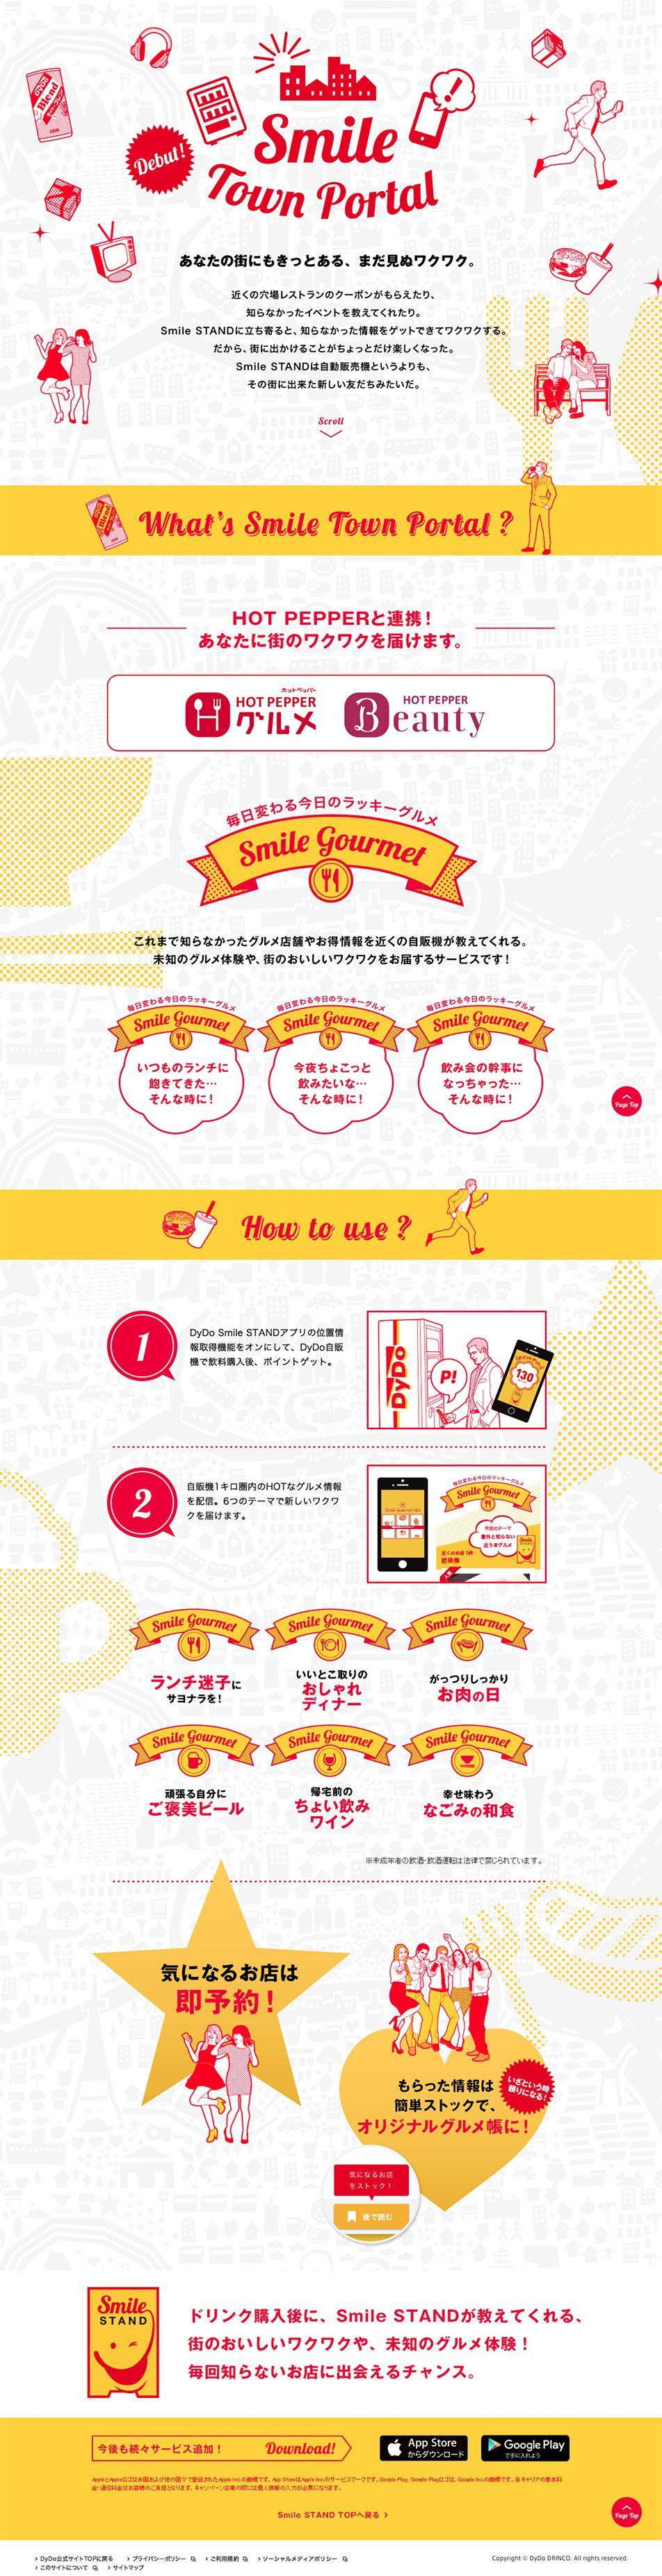 ダイドードリンコ株式会社様の Smile Town Portal のランディングページ Lp かわいい系 飲料 お酒 Lp ランディングページ ランペ Smile Town Portal ウェブデザイン Lp デザイン 広告デザイン